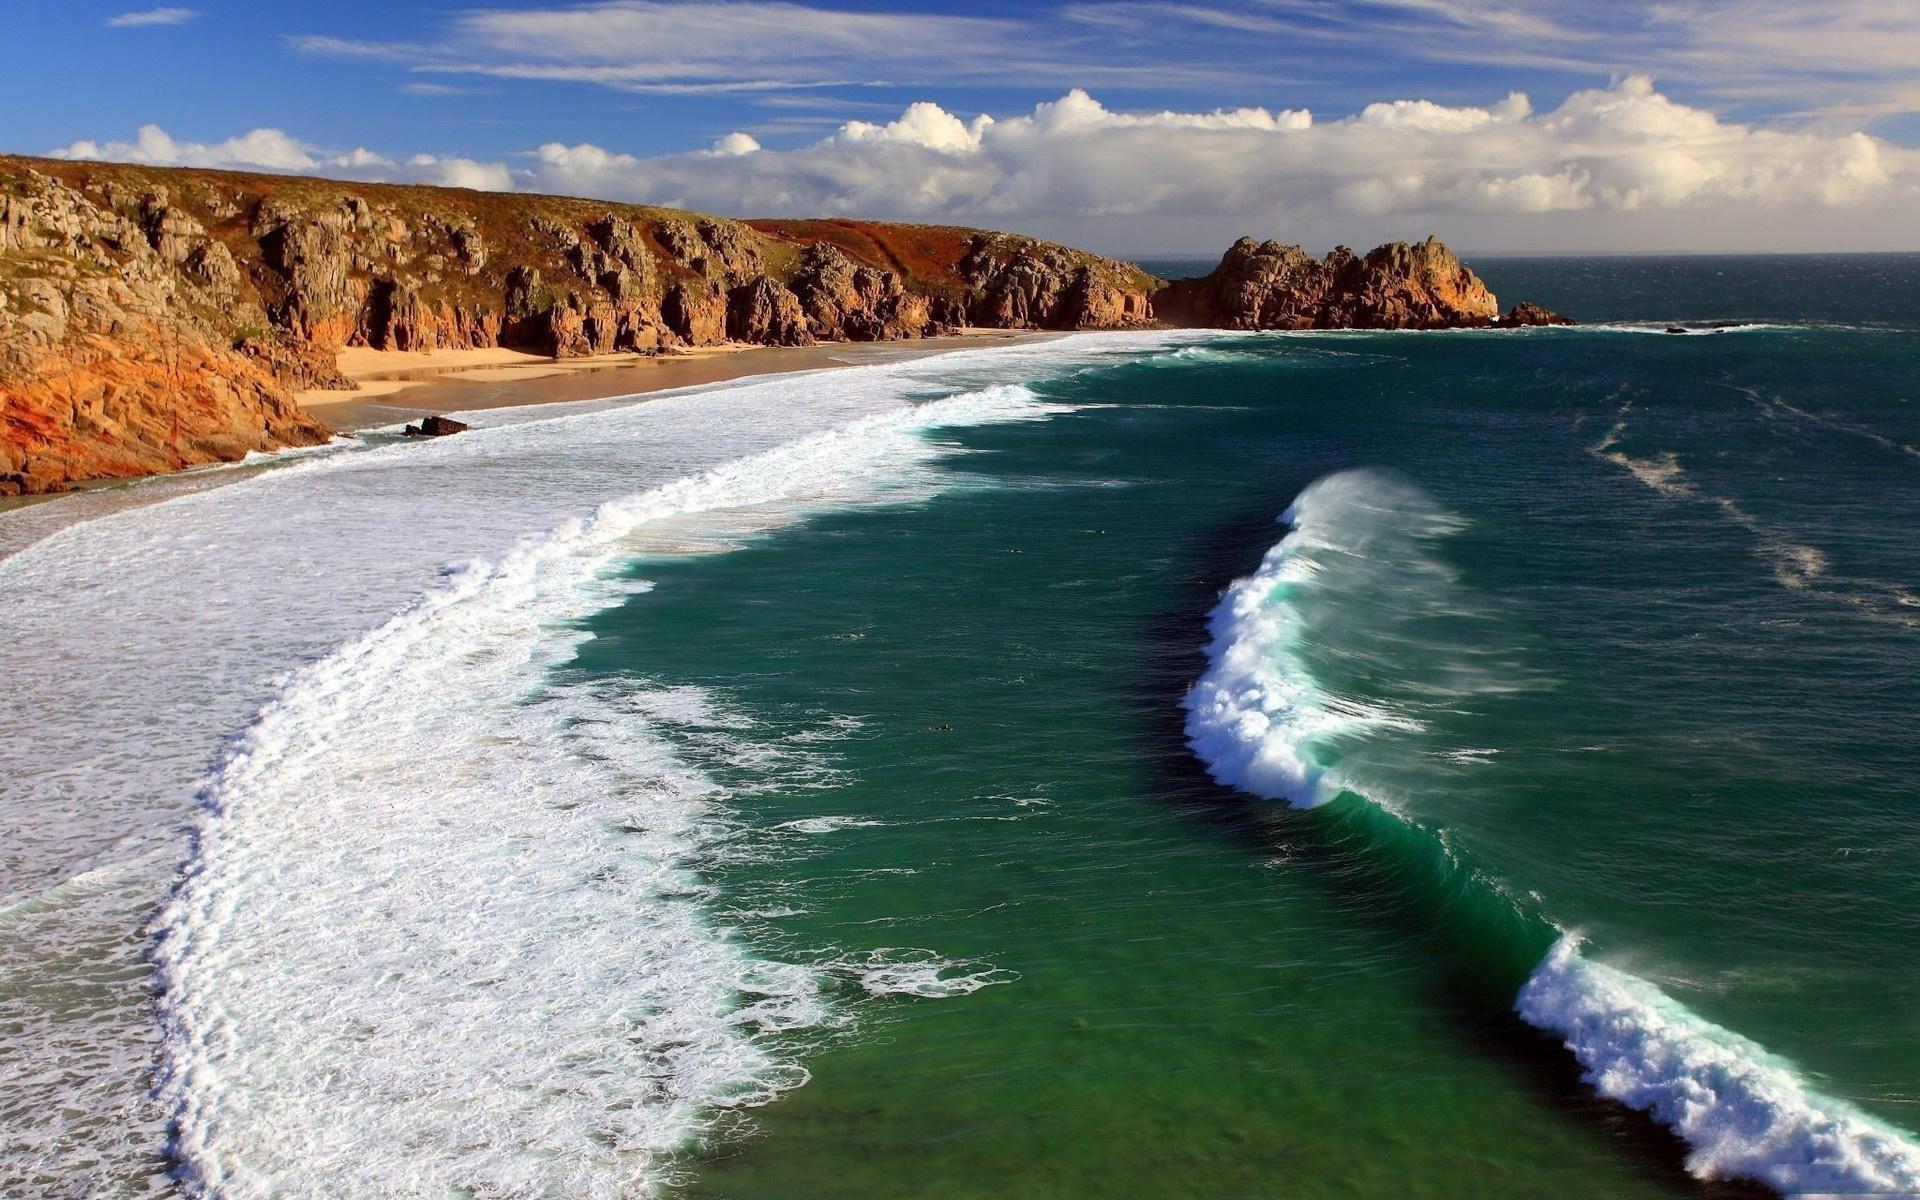 красивые фото океана с побережьем решили переночевать